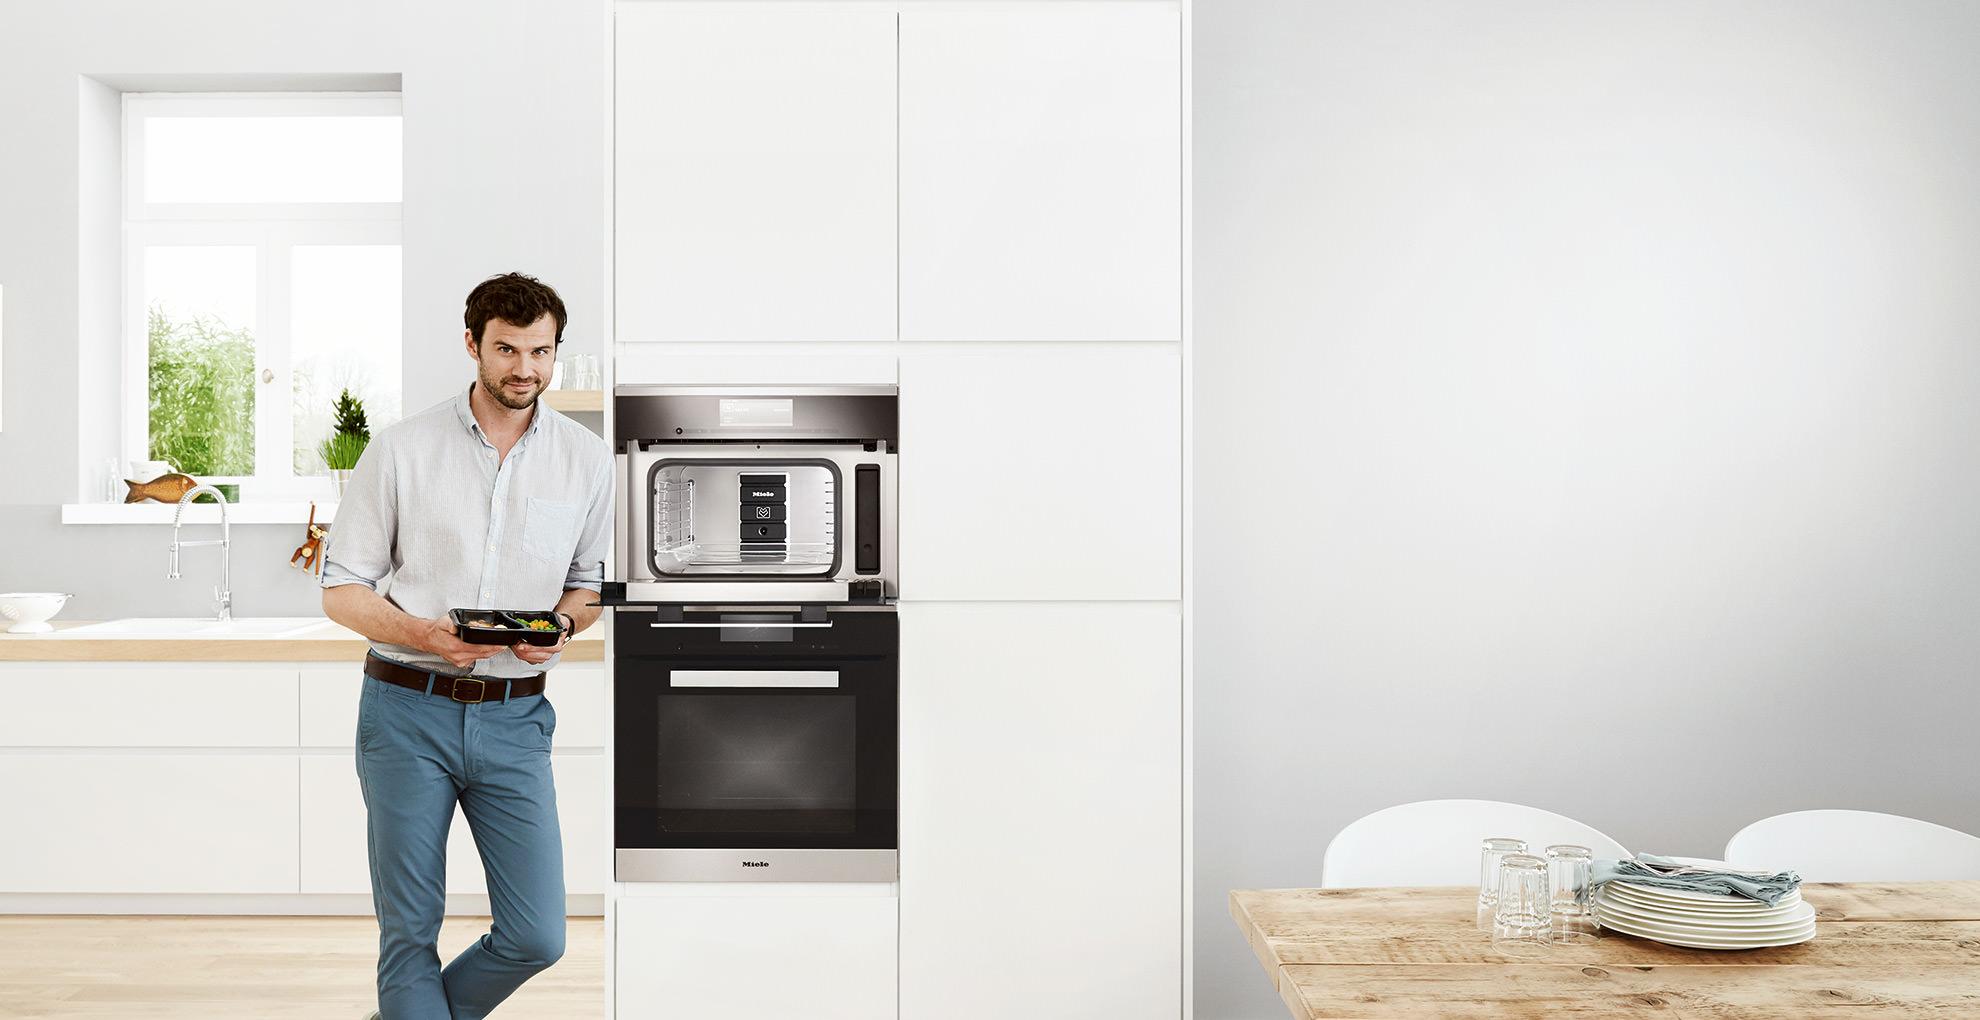 Tiroler Küchenstudio | MIELE DGM 6800 Dampfgarer mit Mikrowelle